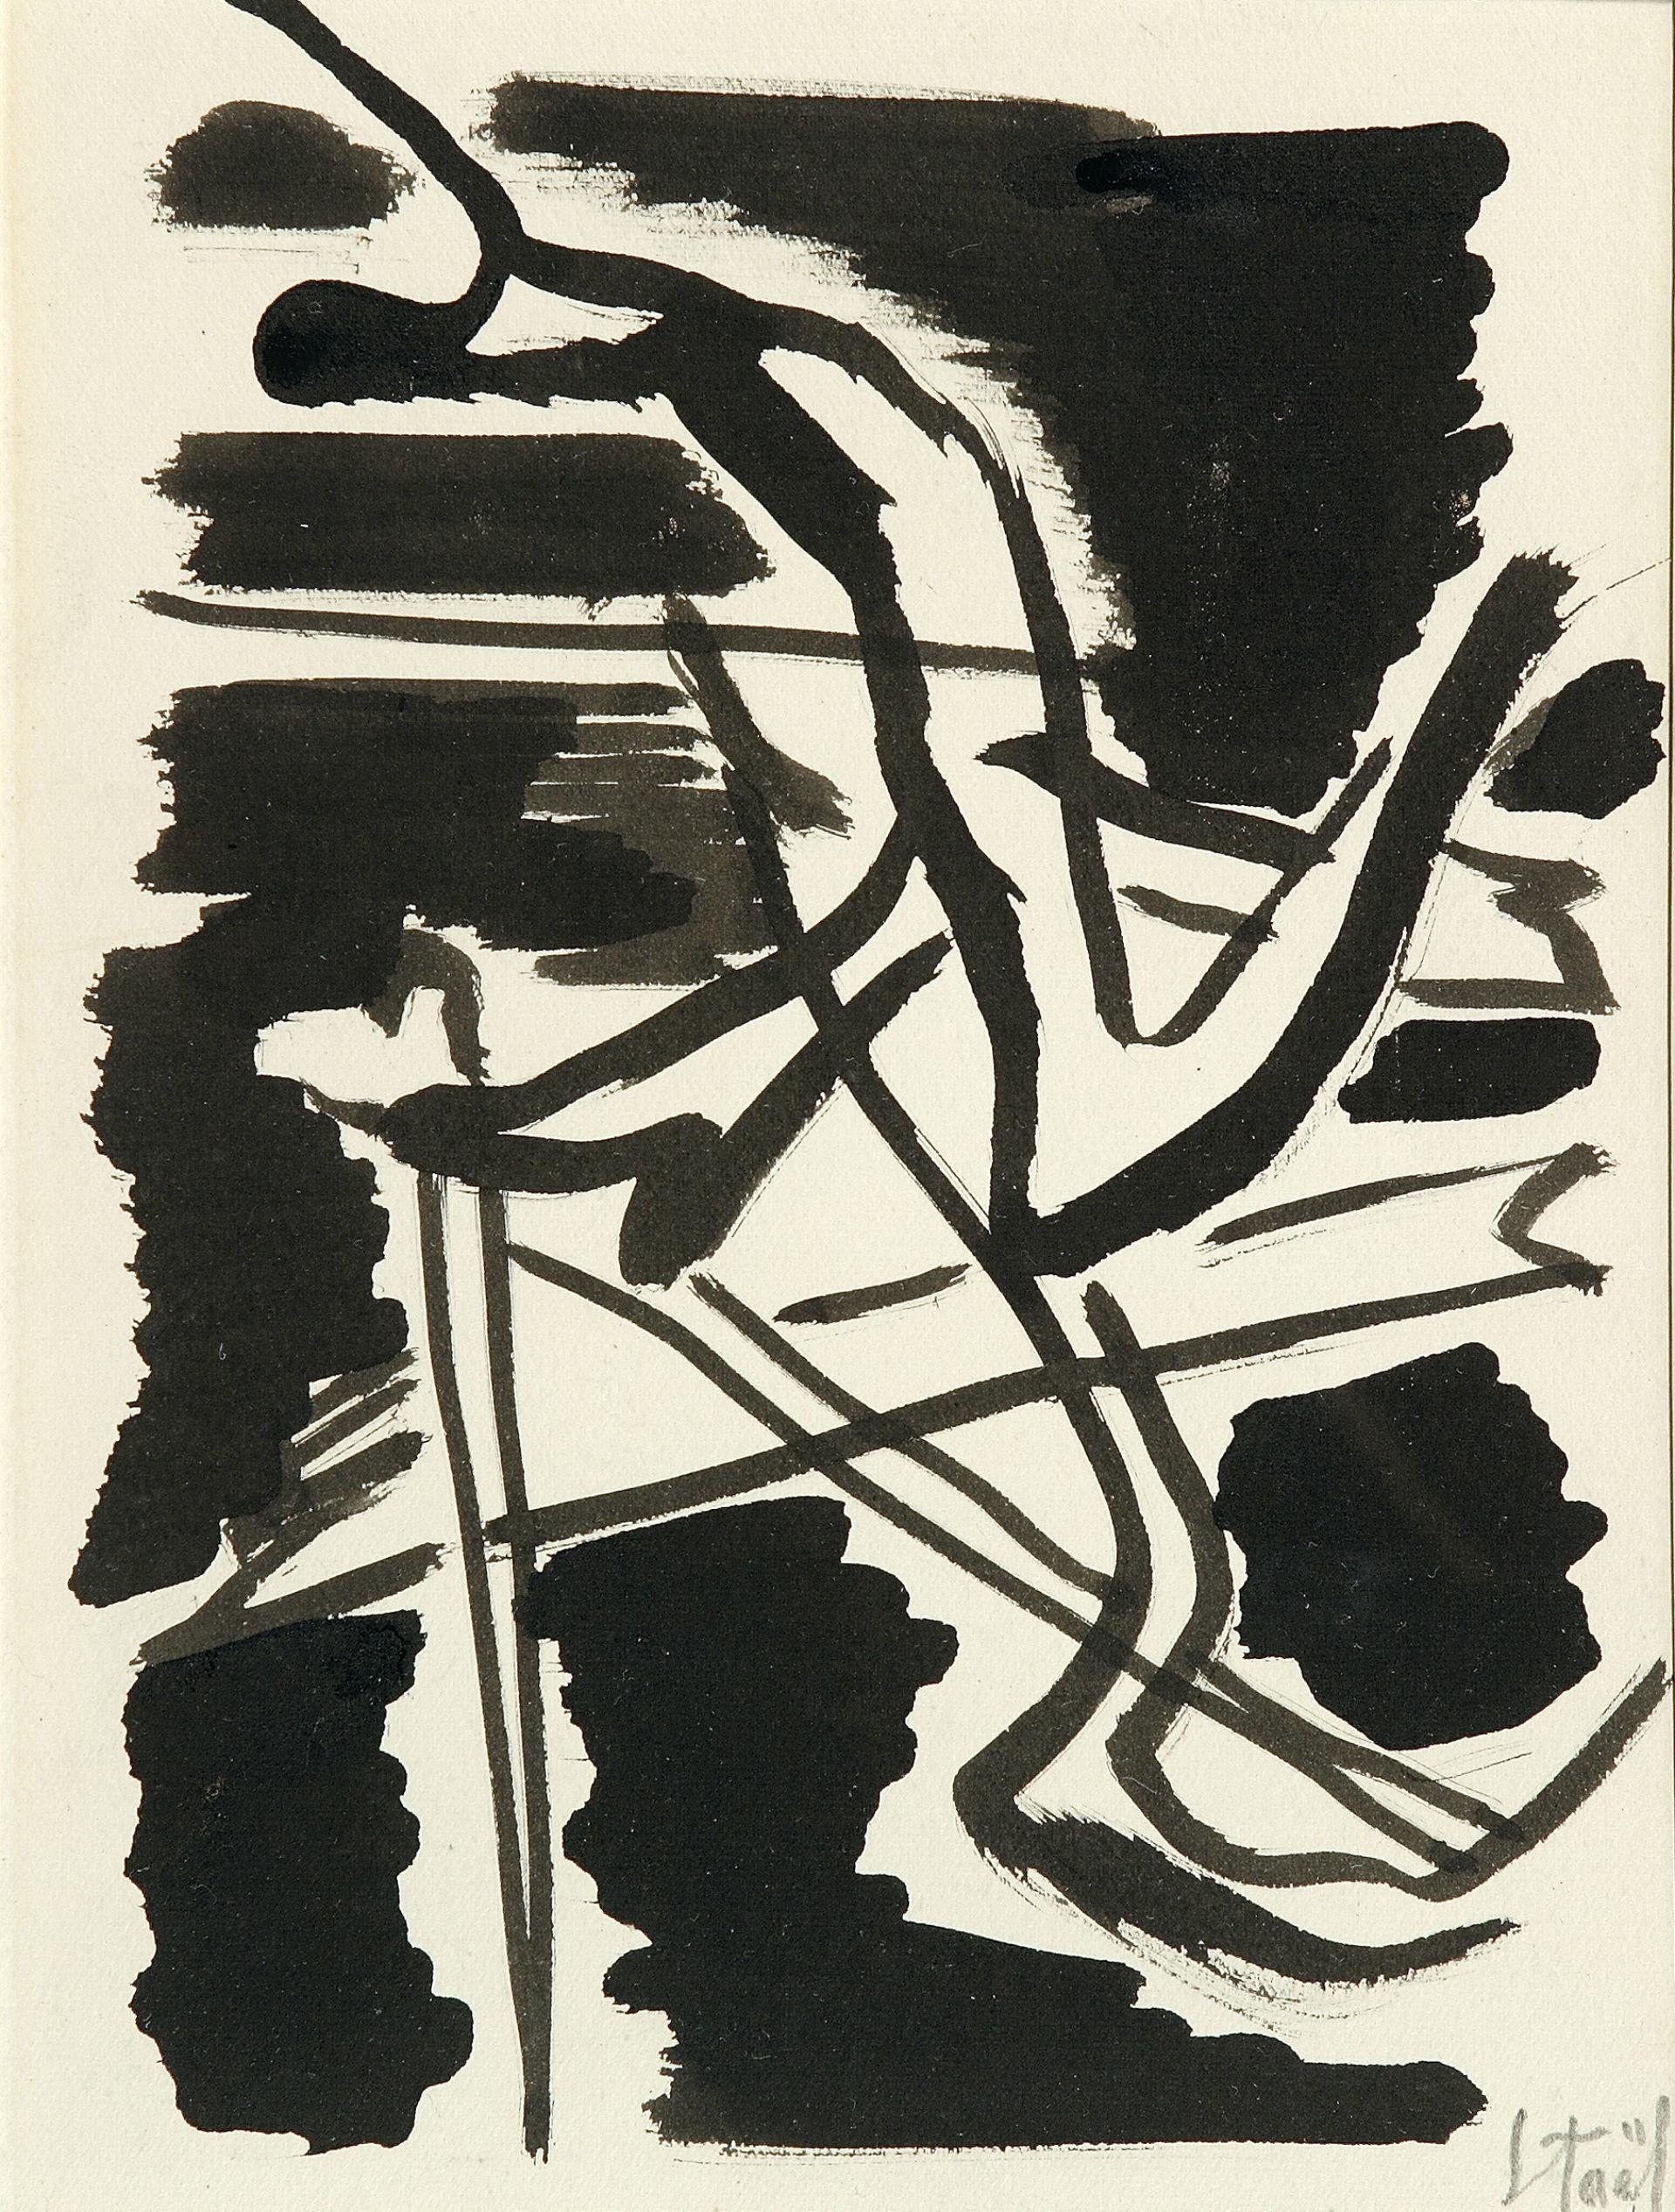 Nicolas de STAËL. Composition. 1946-1947